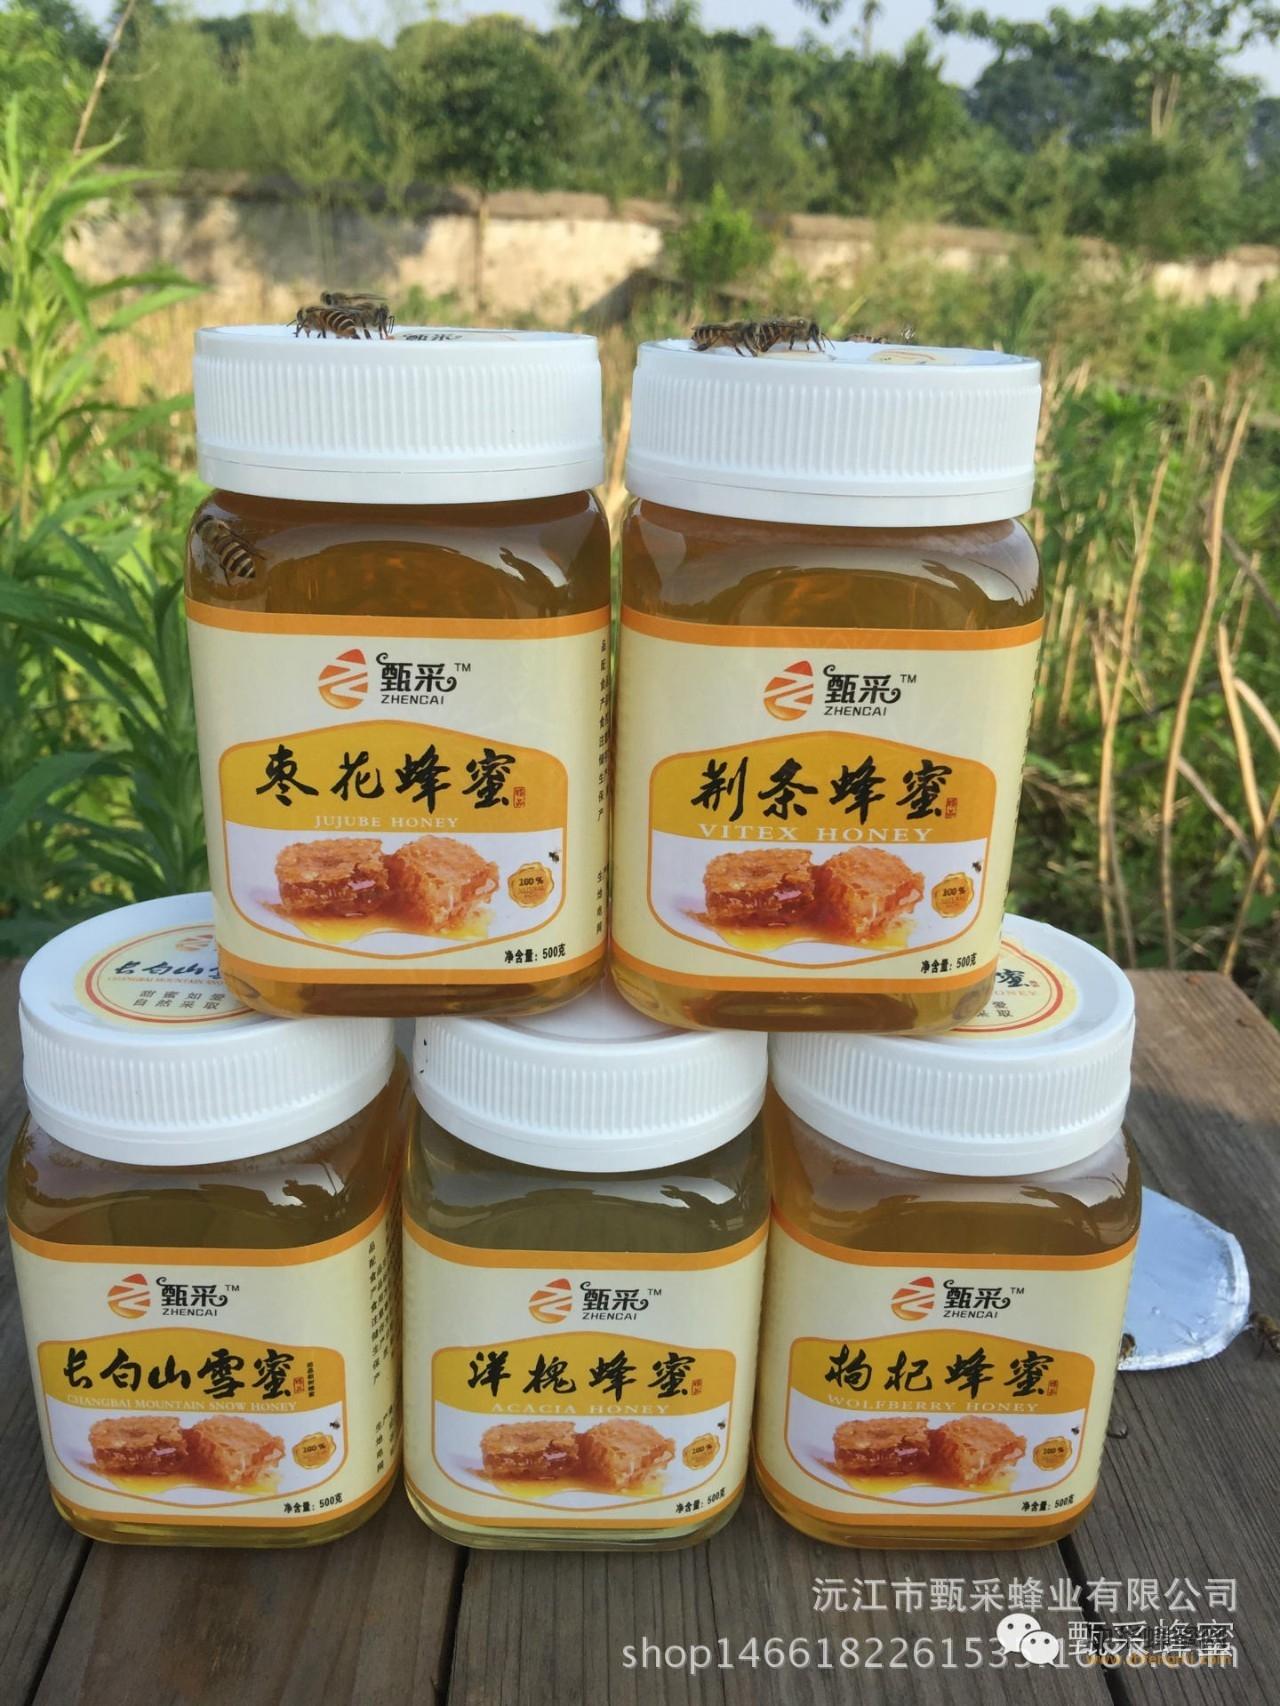 【蜂蜜茶】_女人美容蜂蜜来办